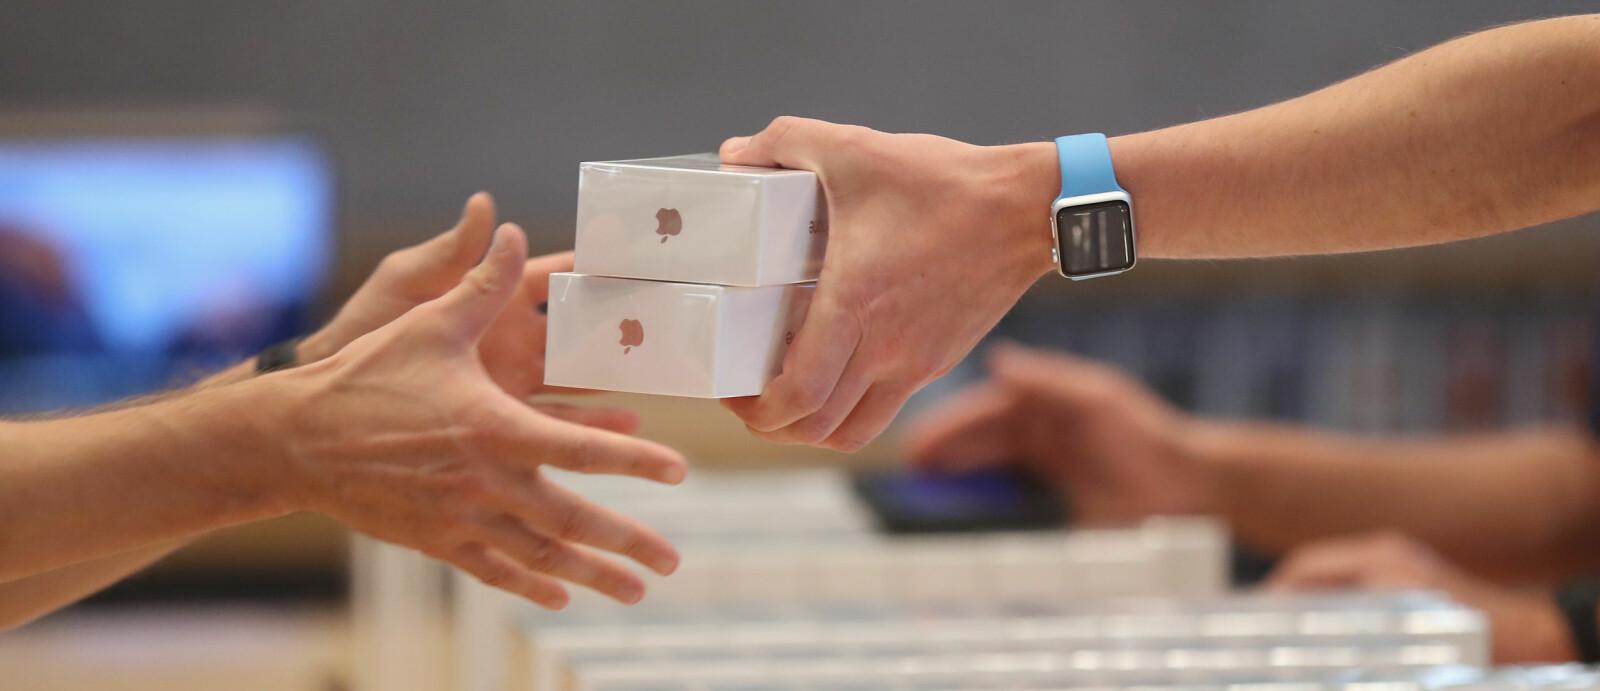 <b>PRIS PÅ IPHONE:</b> De forskjellige iPhone-modellene holder seg høyt i pris. Mobilene til konkurrenten Samsung synker mye raskere. Begge merkene lar seg påvirke av én spesiell uke i november ...